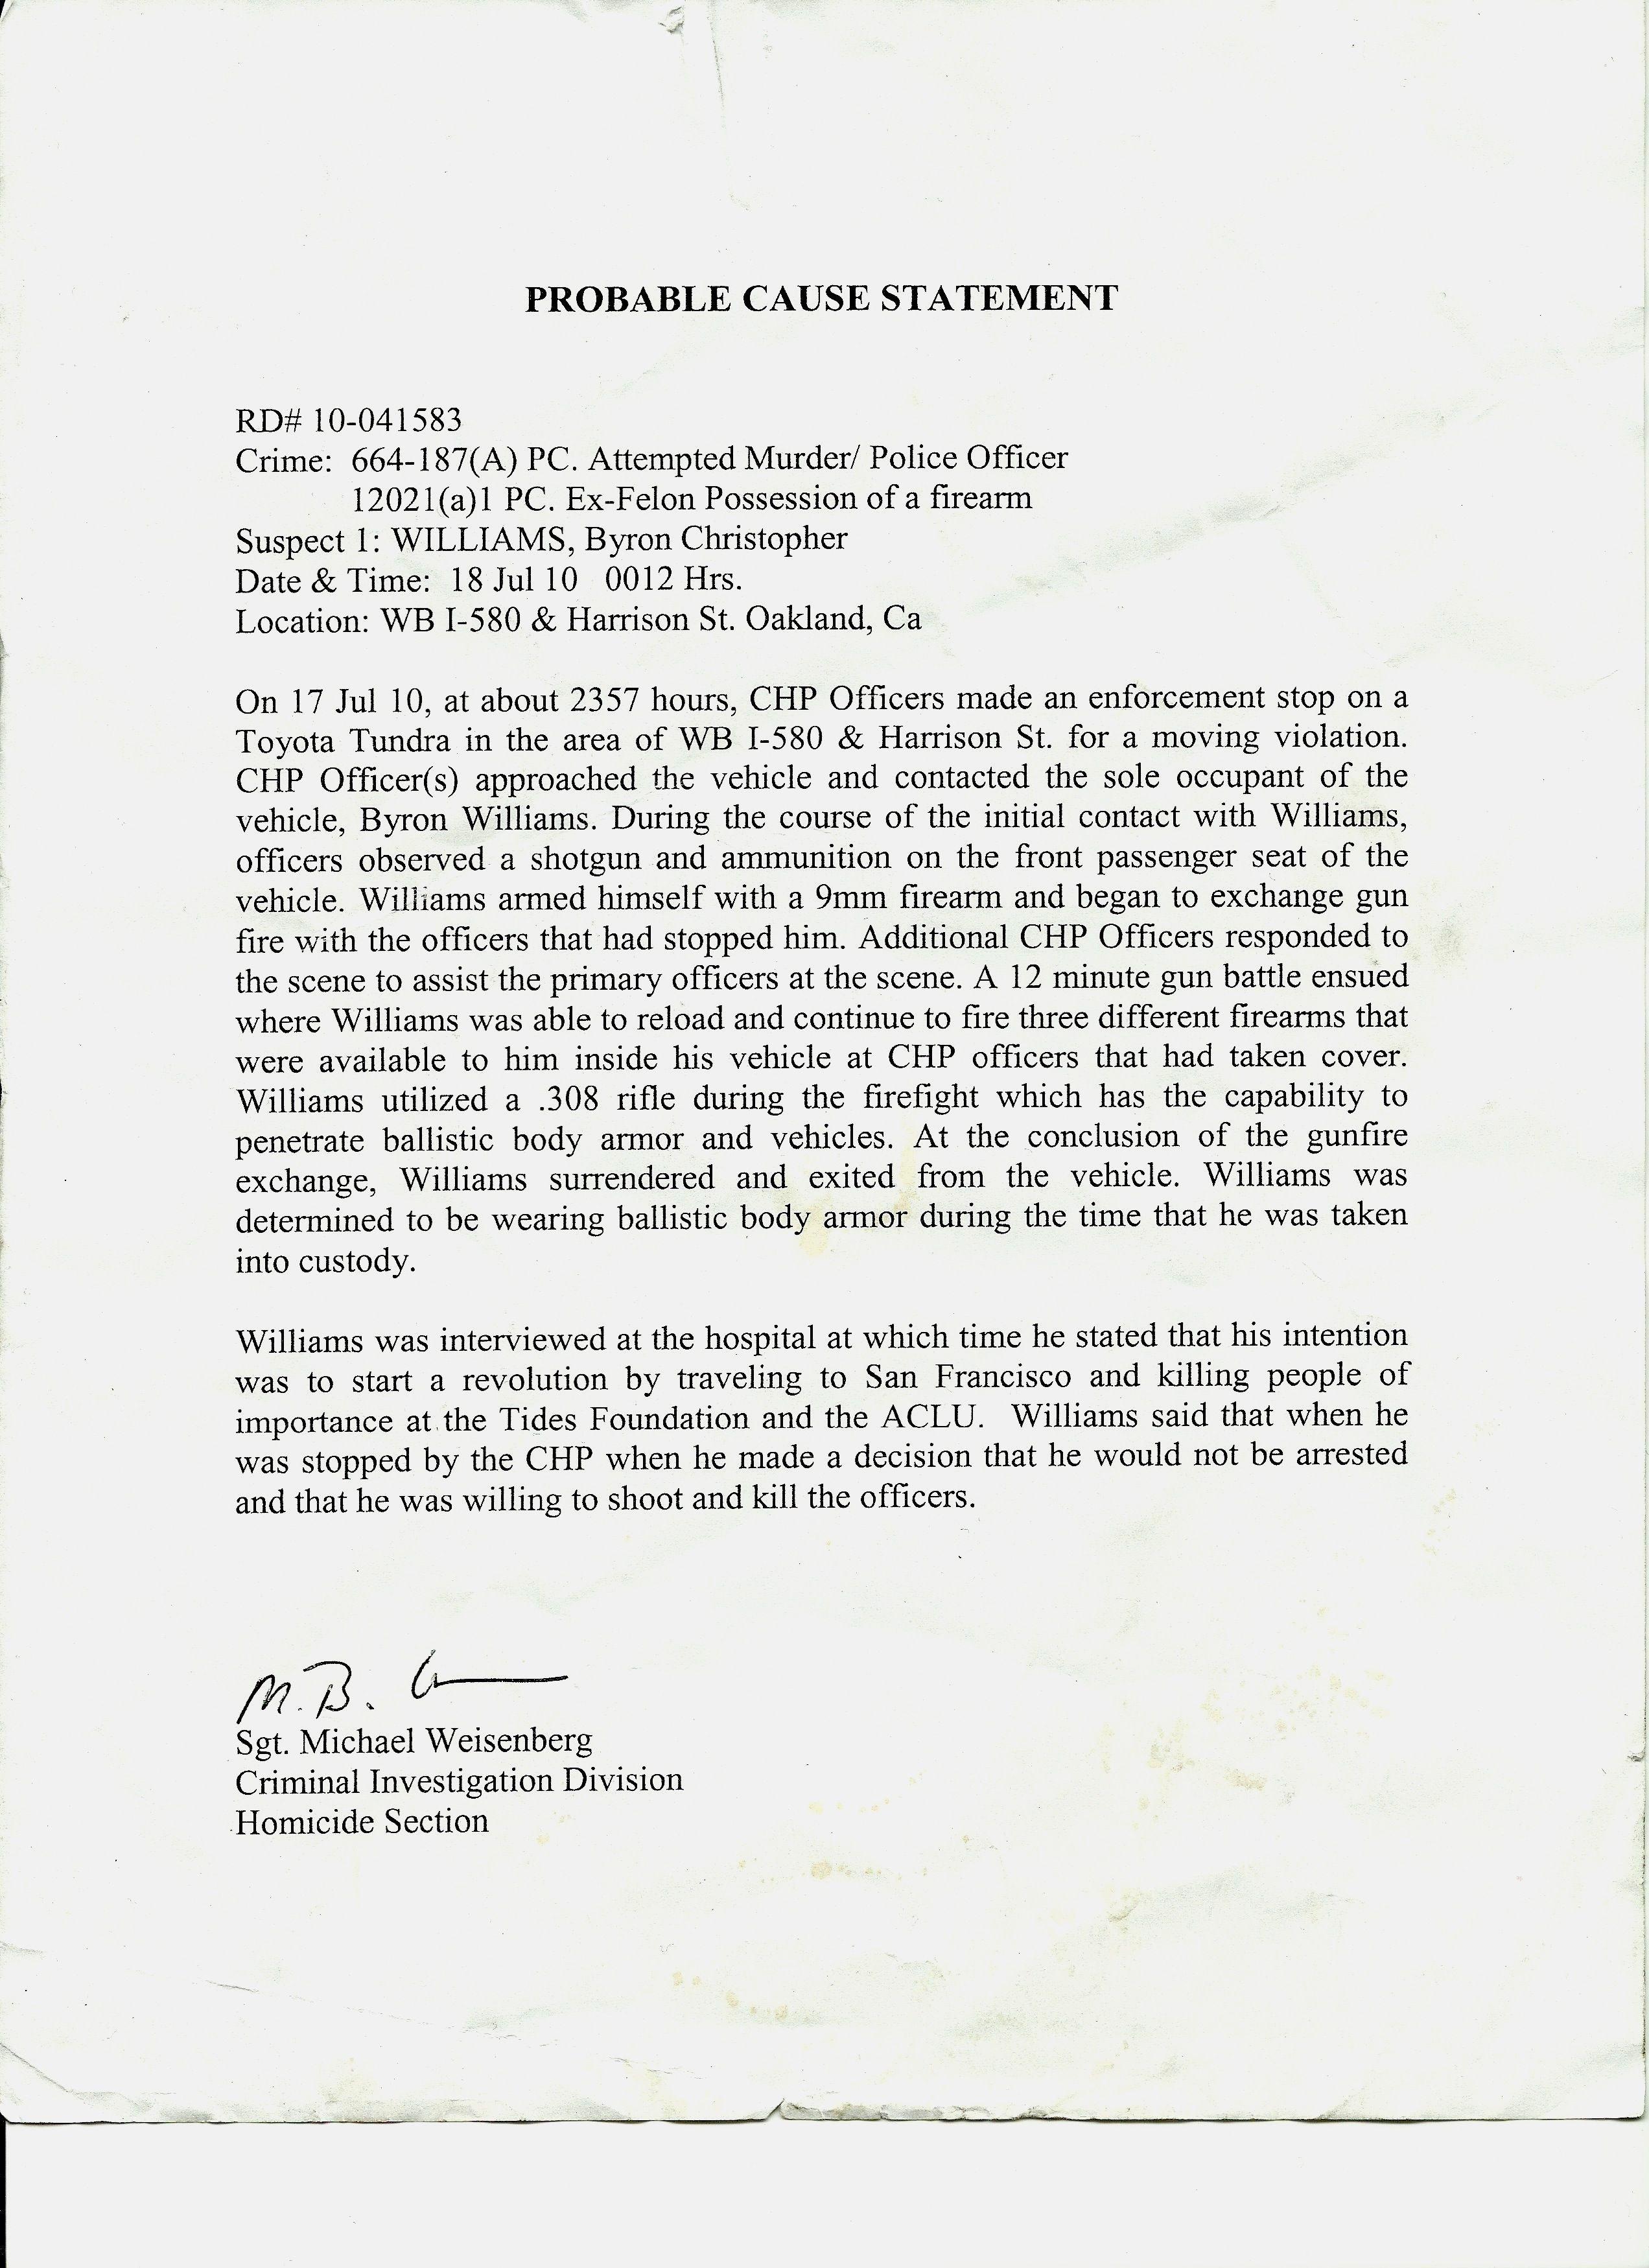 Affidavit Of Support Sample Letter Awesome Affidavit Letter Template Bluemooncatering